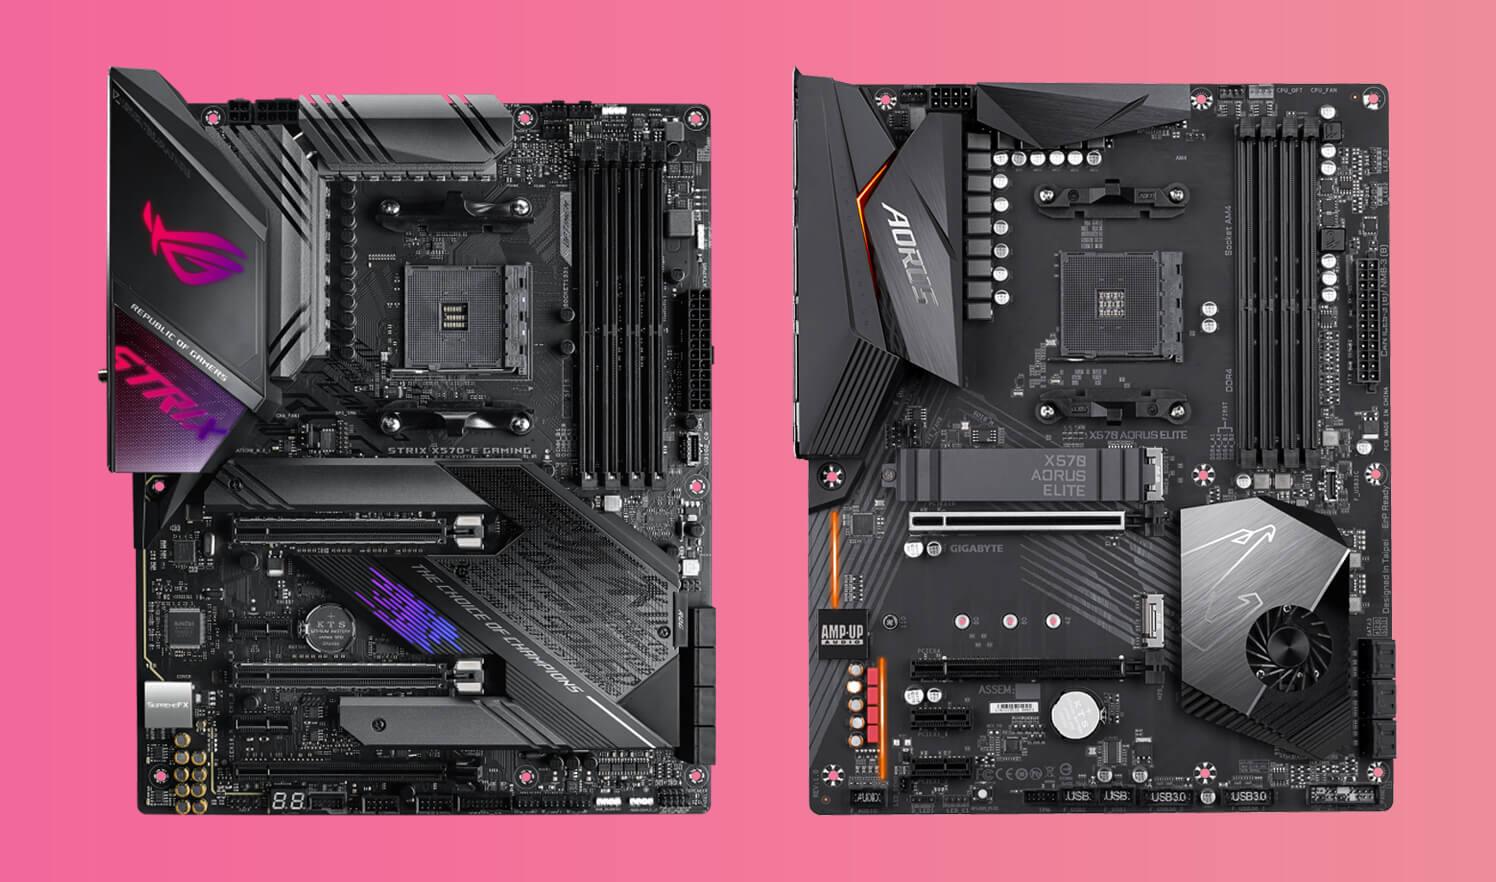 Best Motherboards for Ryzen 9 3900X